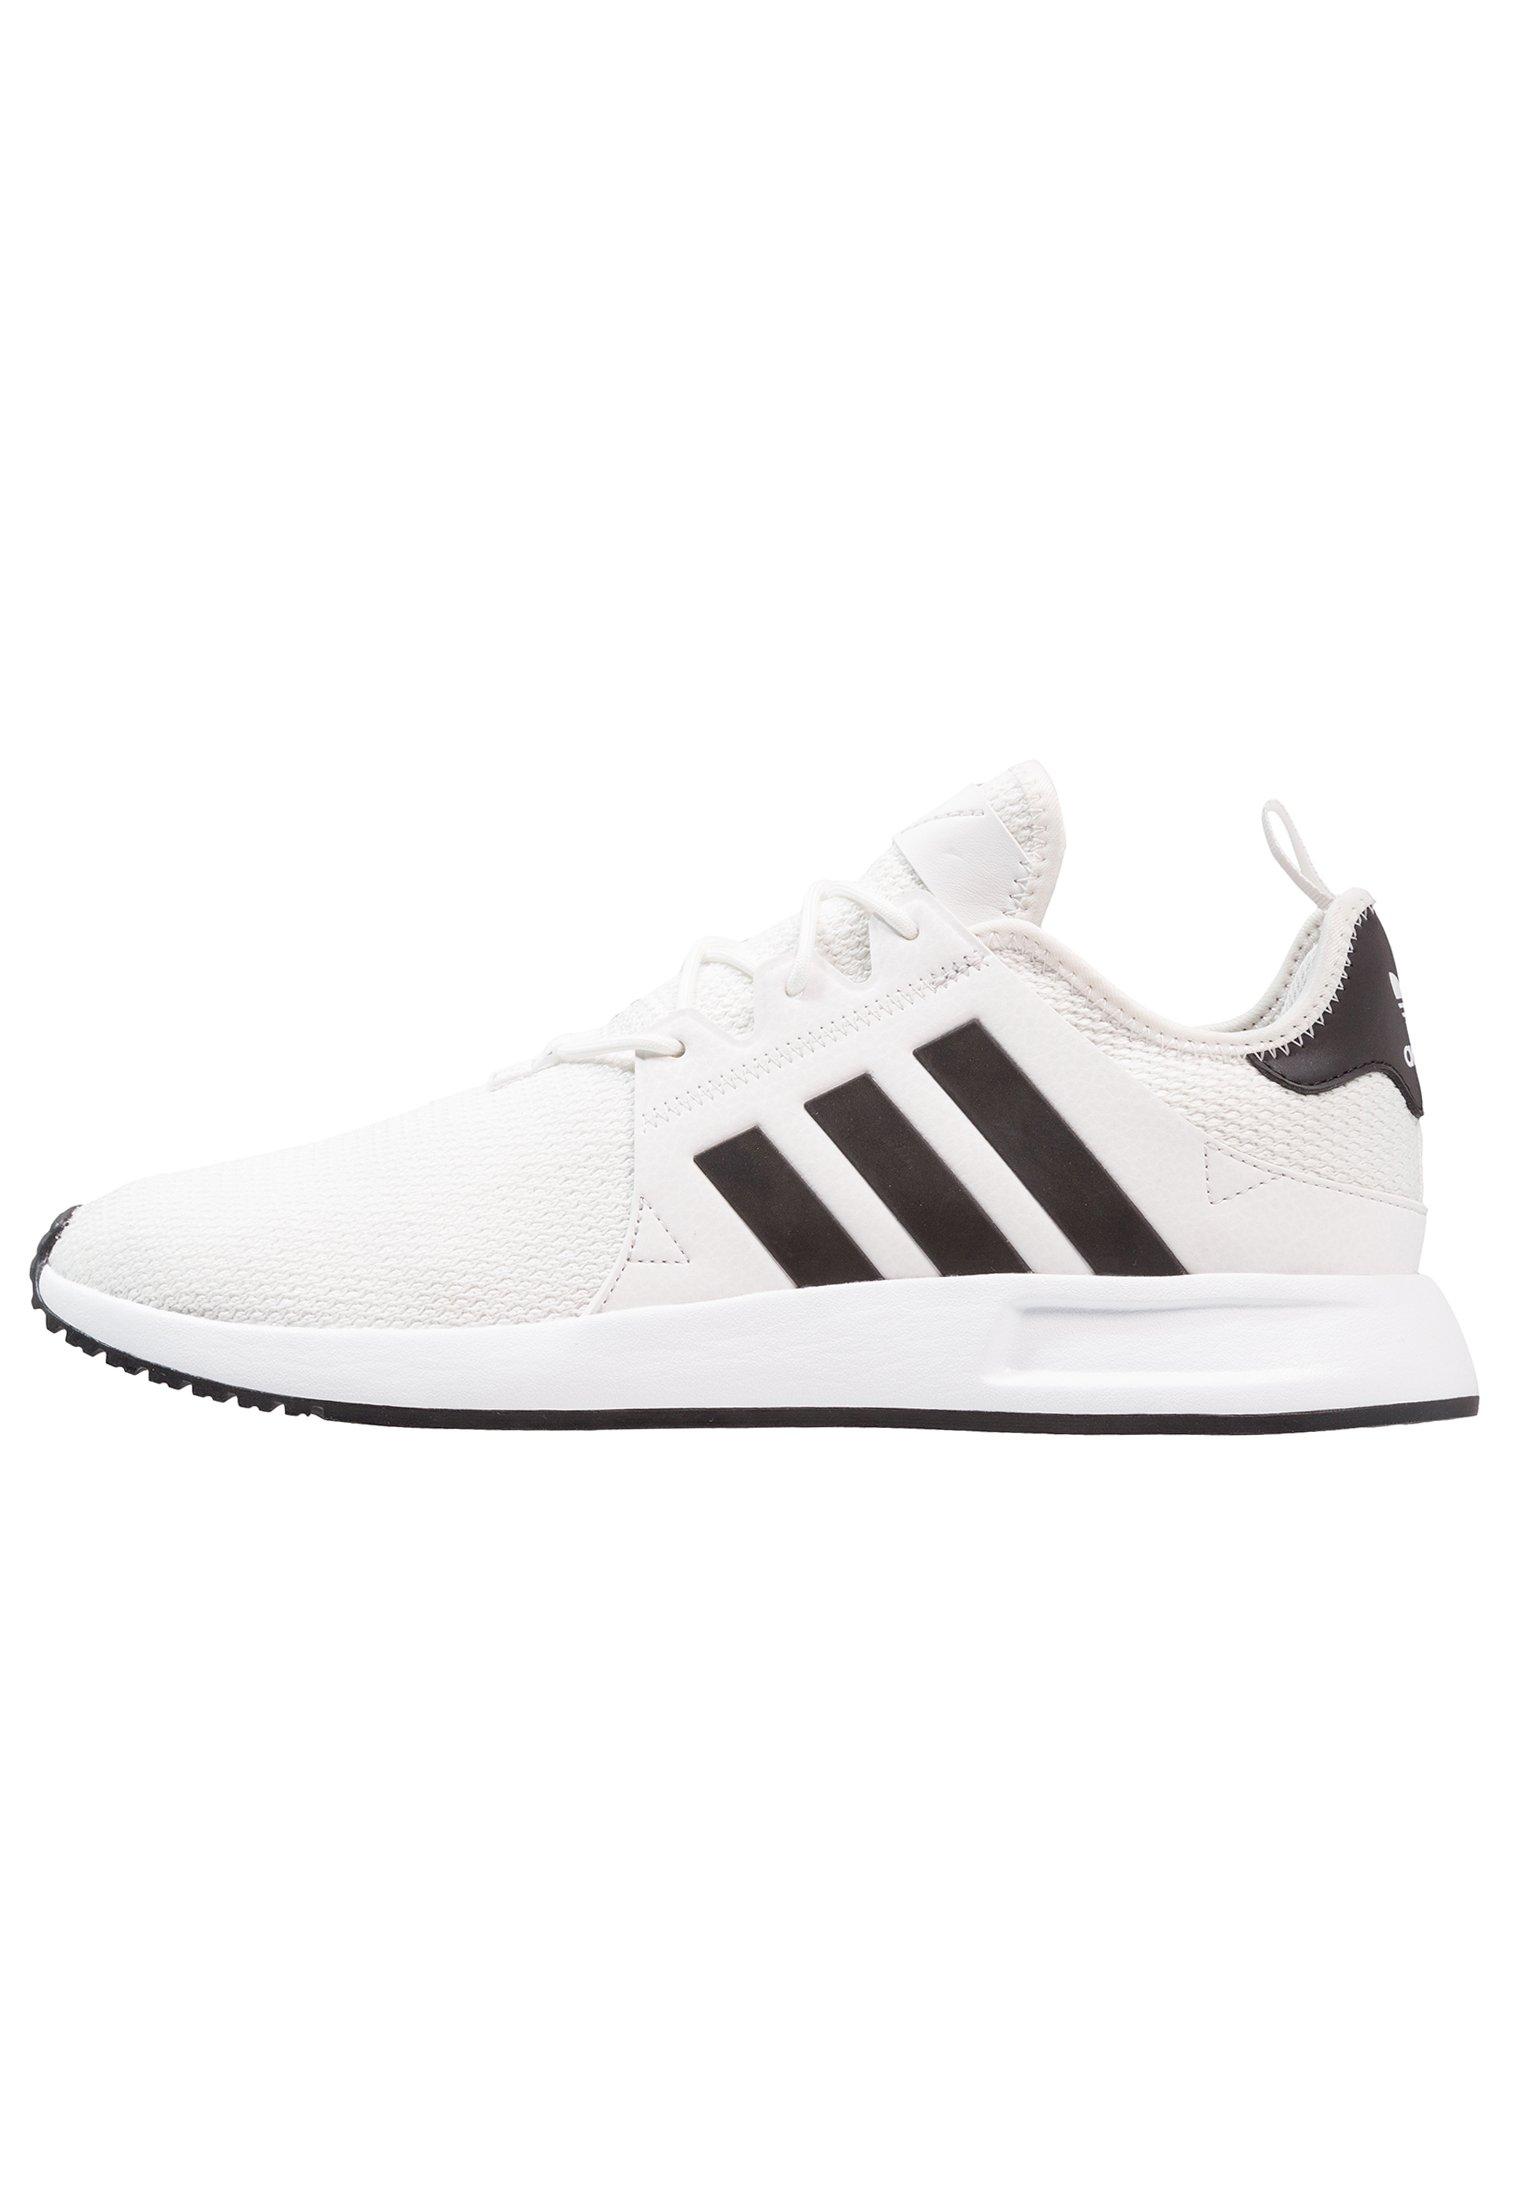 X_PLR Sneakers whitetintcore blackfootwear white